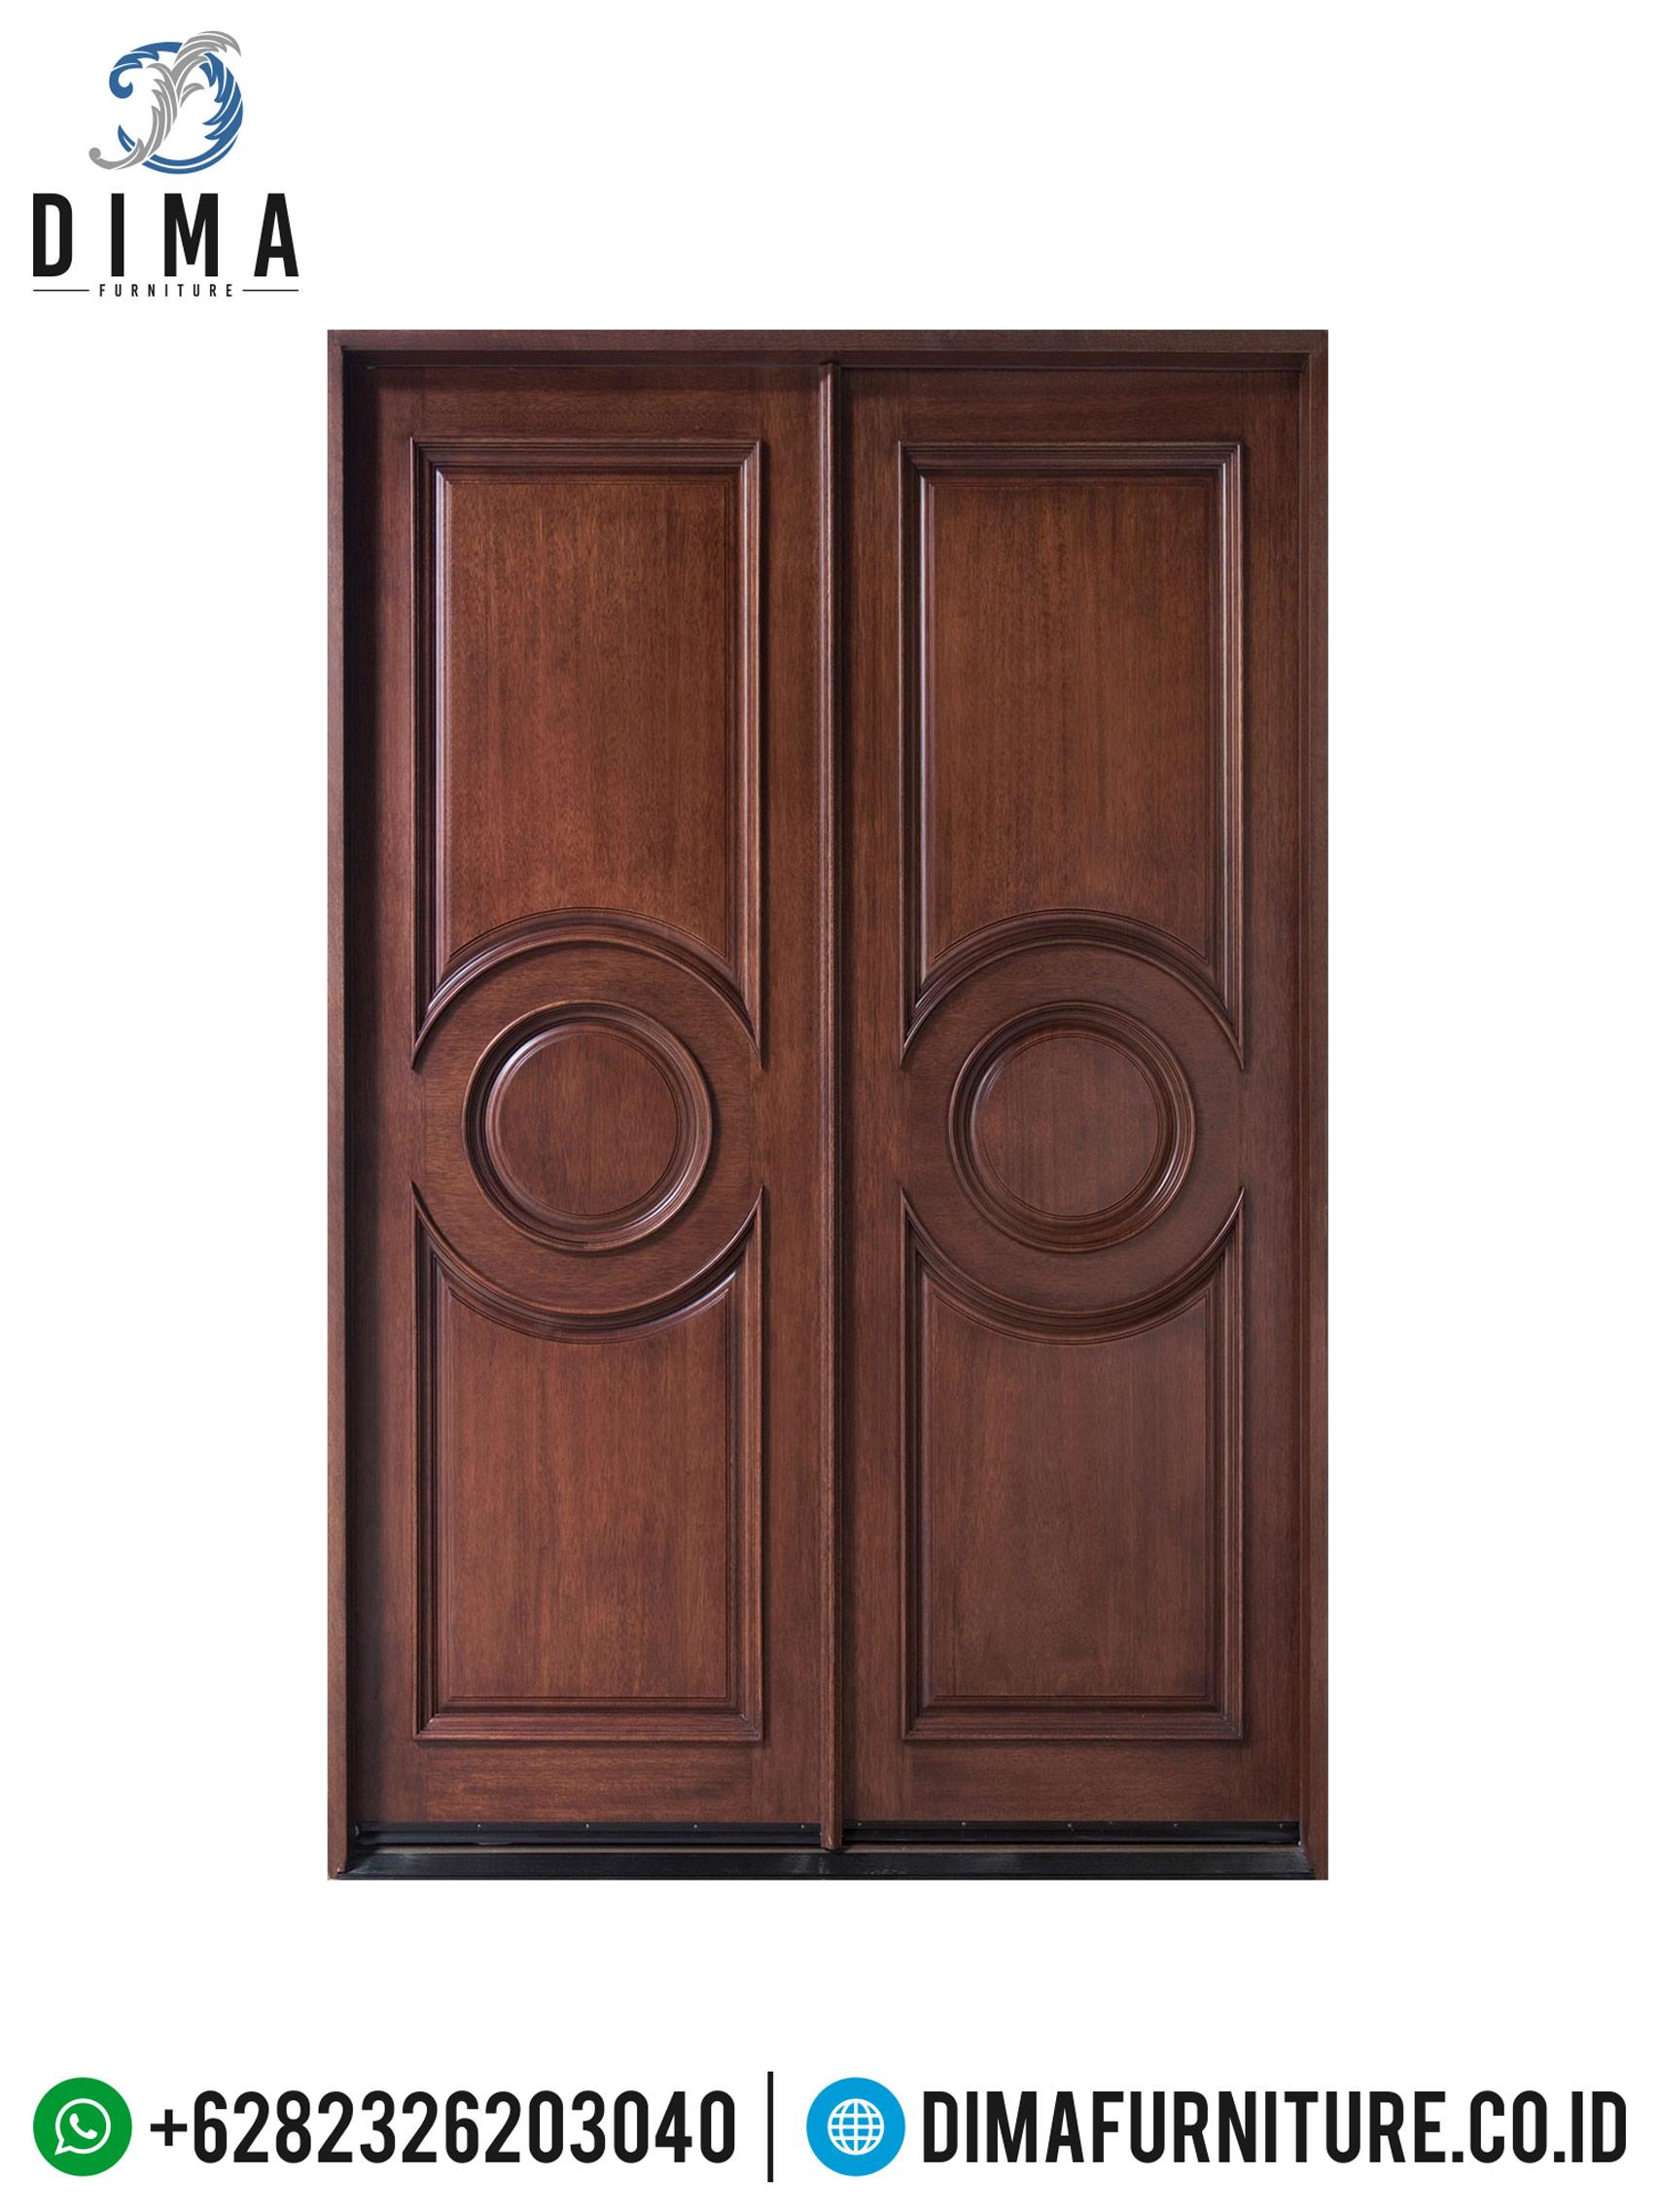 Desain Pintu Utama, Pintu Jati Jepara, Pintu Rumah Minimalis Mewah DF-0701